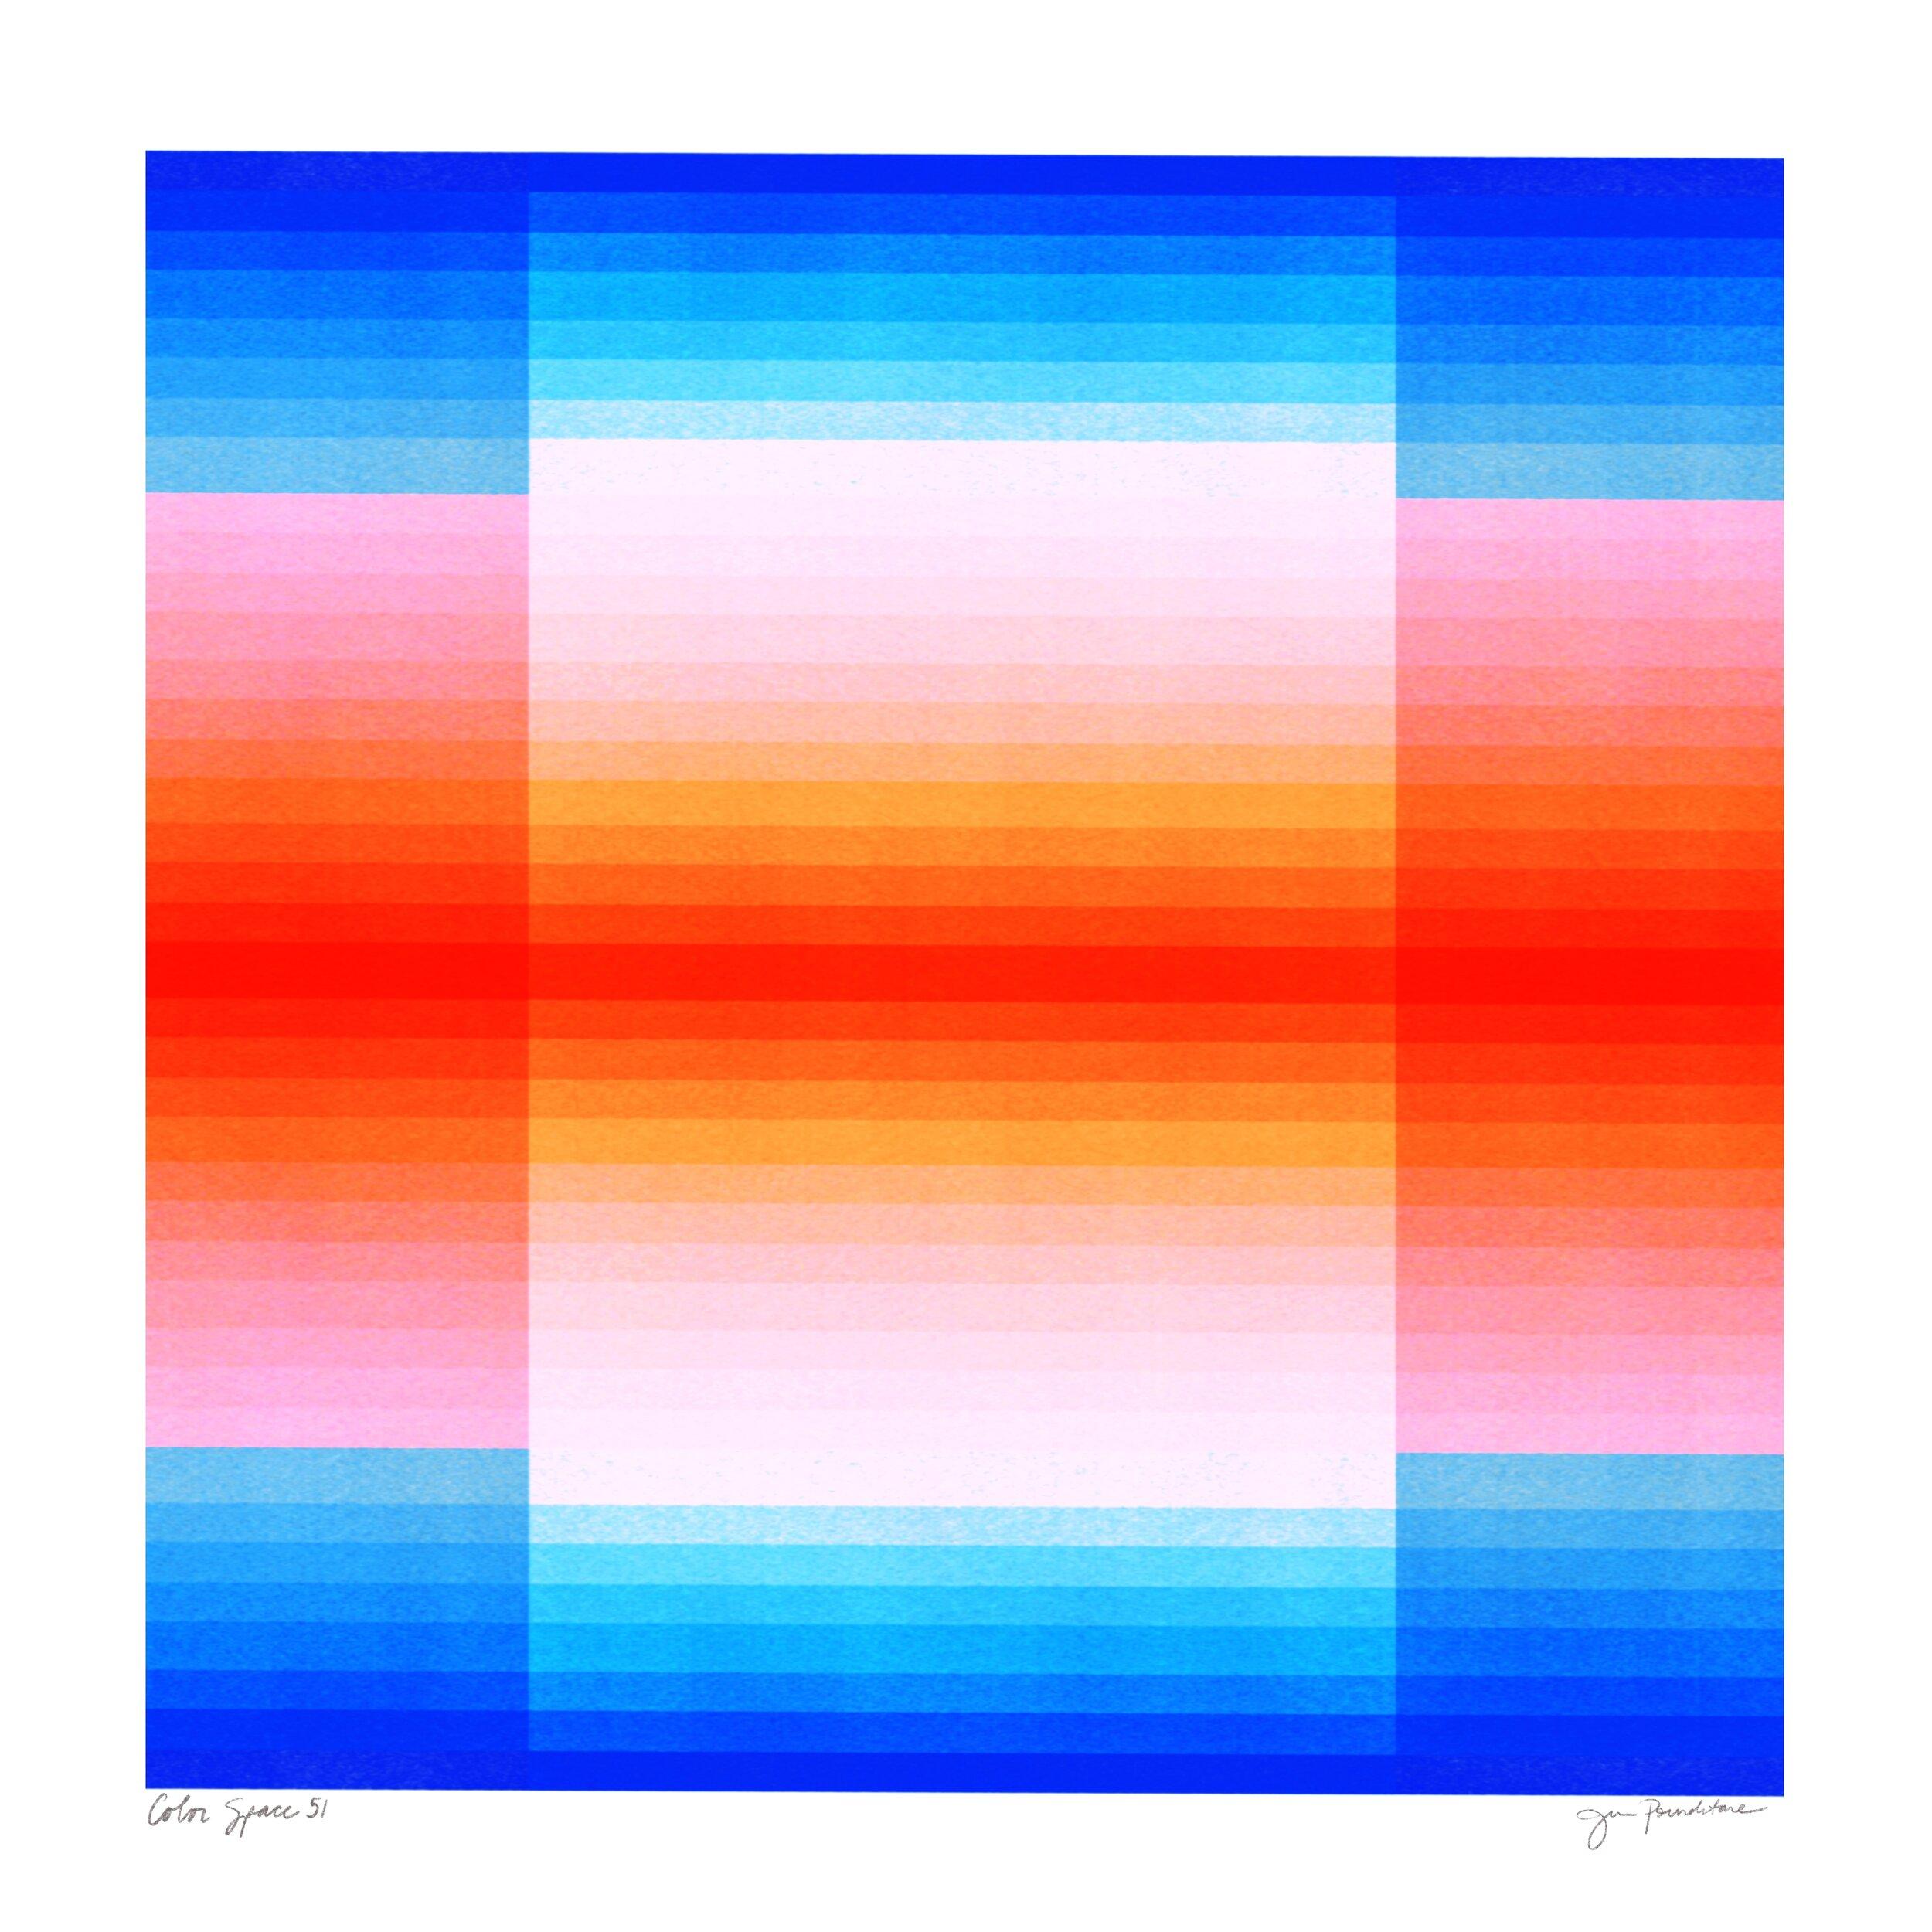 Color Space 51: Soft Spectrum